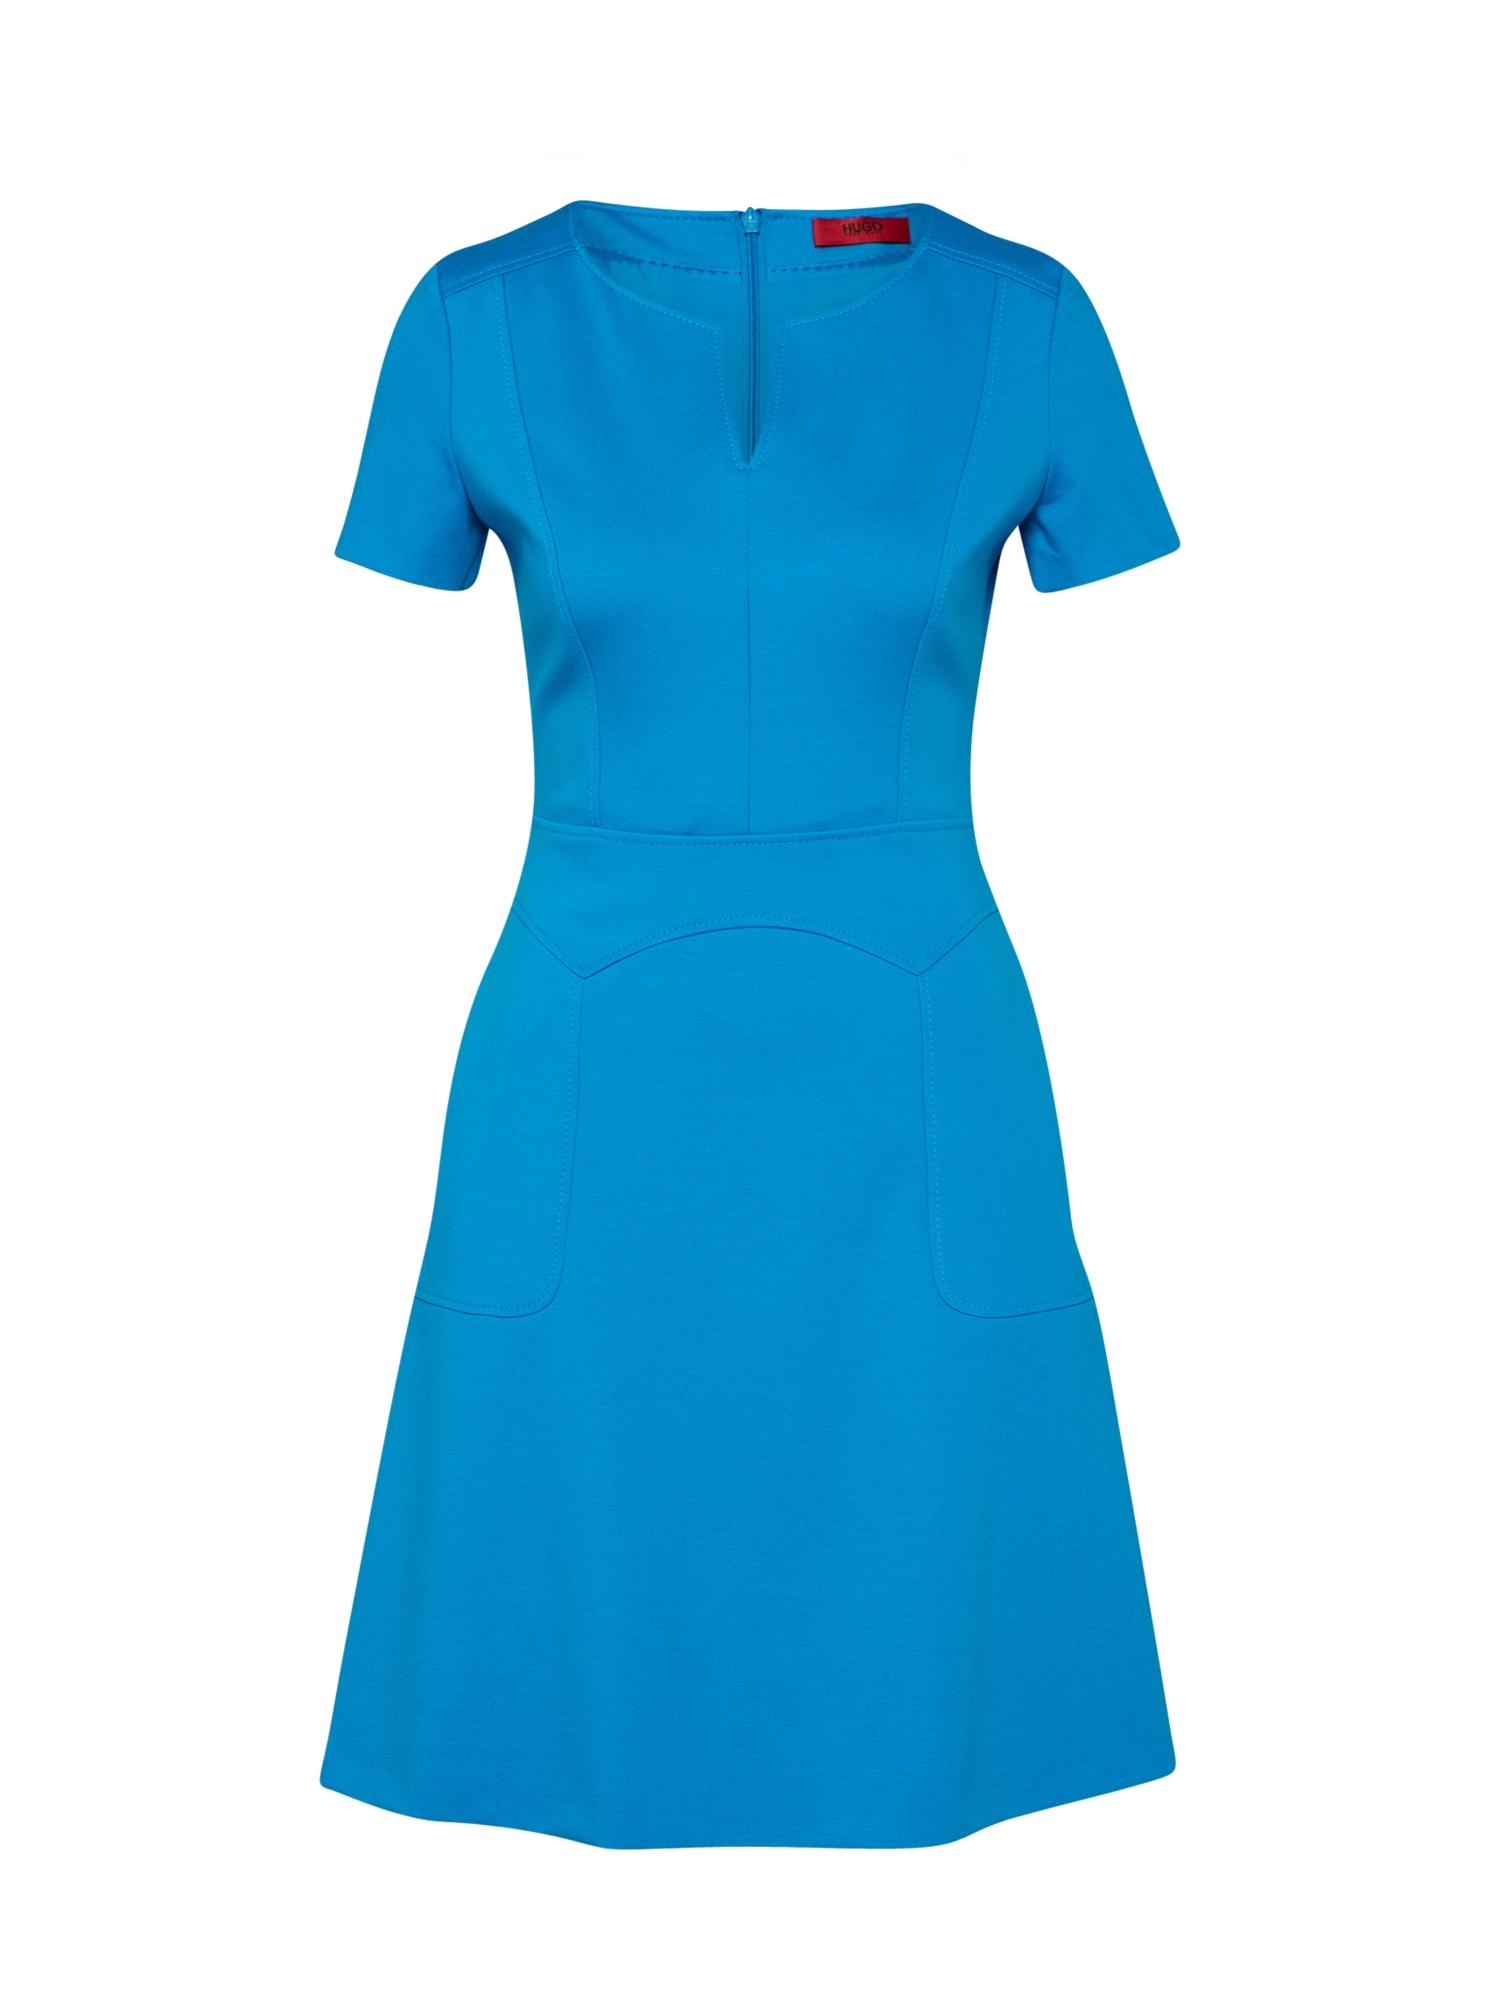 Pouzdrové šaty Keziani kobaltová modř HUGO